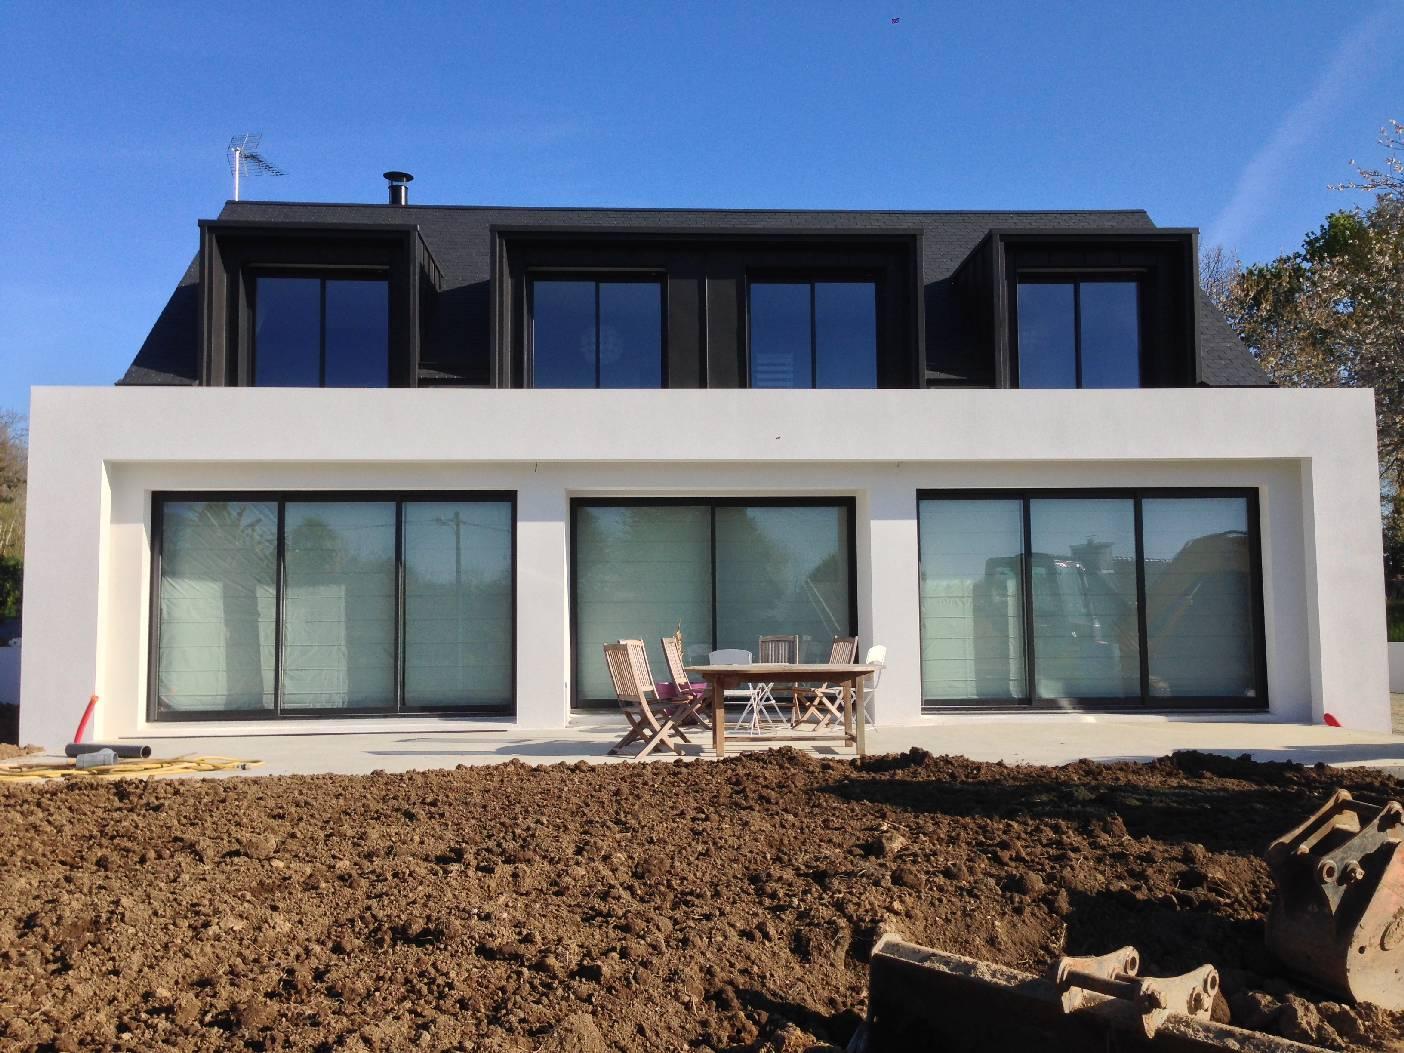 Agrandissement Maison Néo Bretonne extension d'une maison néo bretonne - goalabre construction